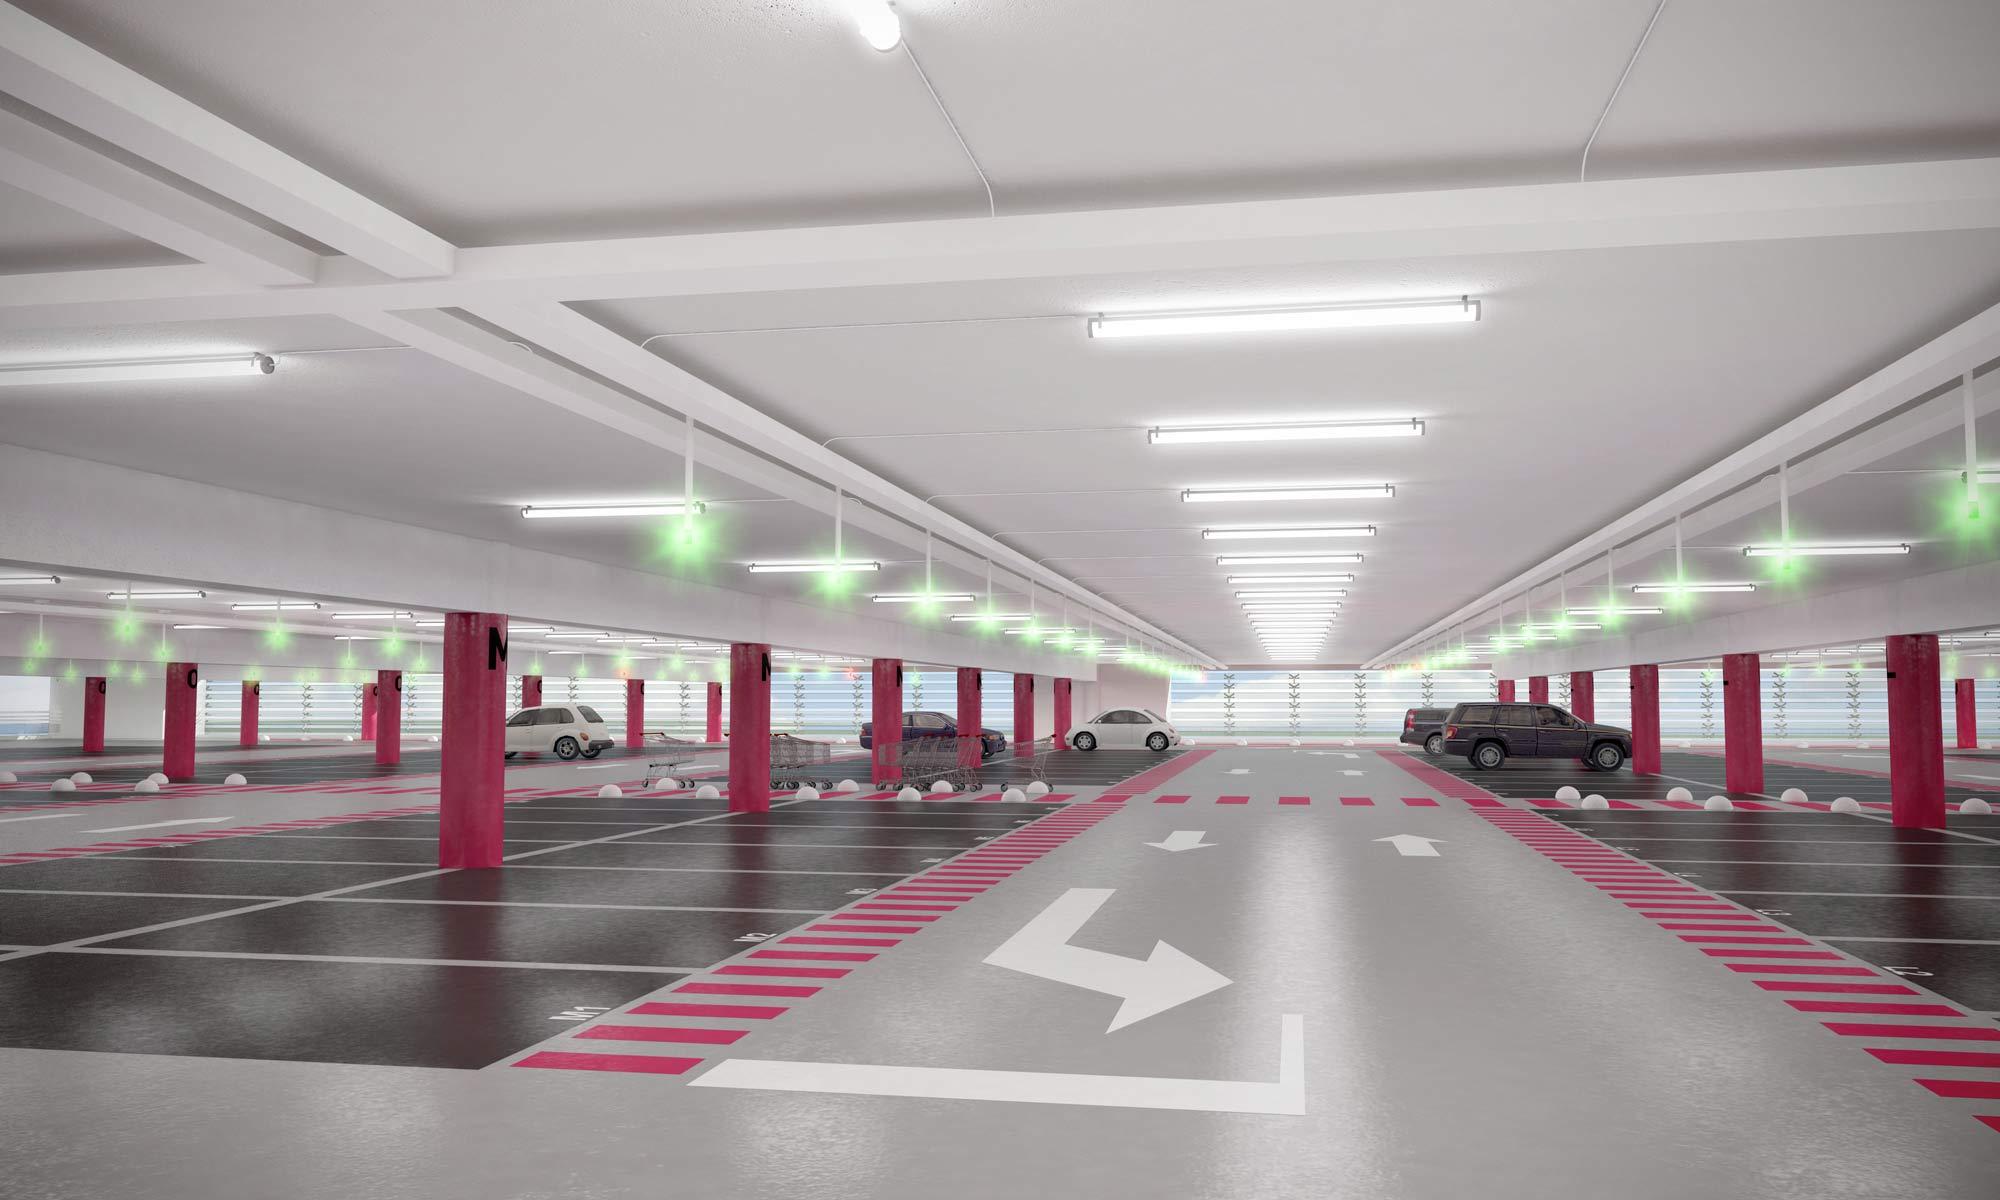 Location parking Nantes: pour être en paix enfin en ville